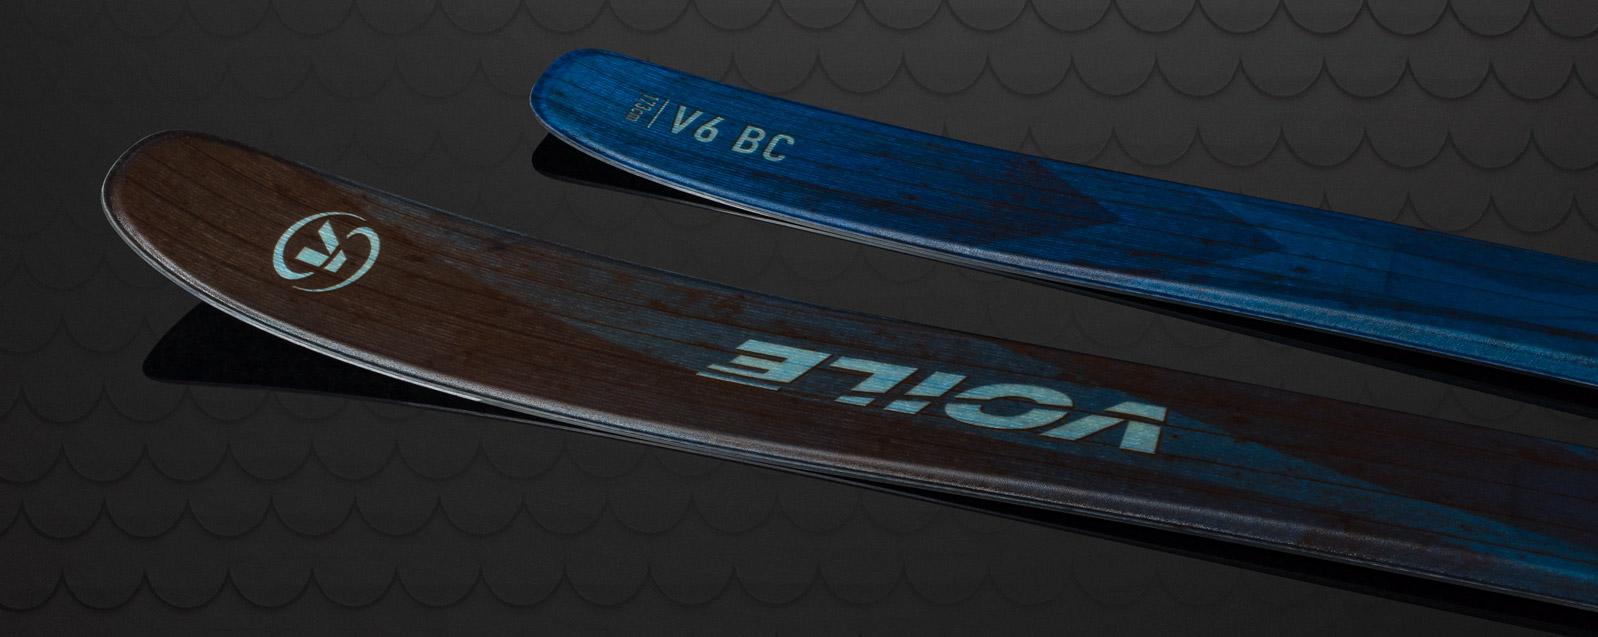 Voile V6 BC Skis